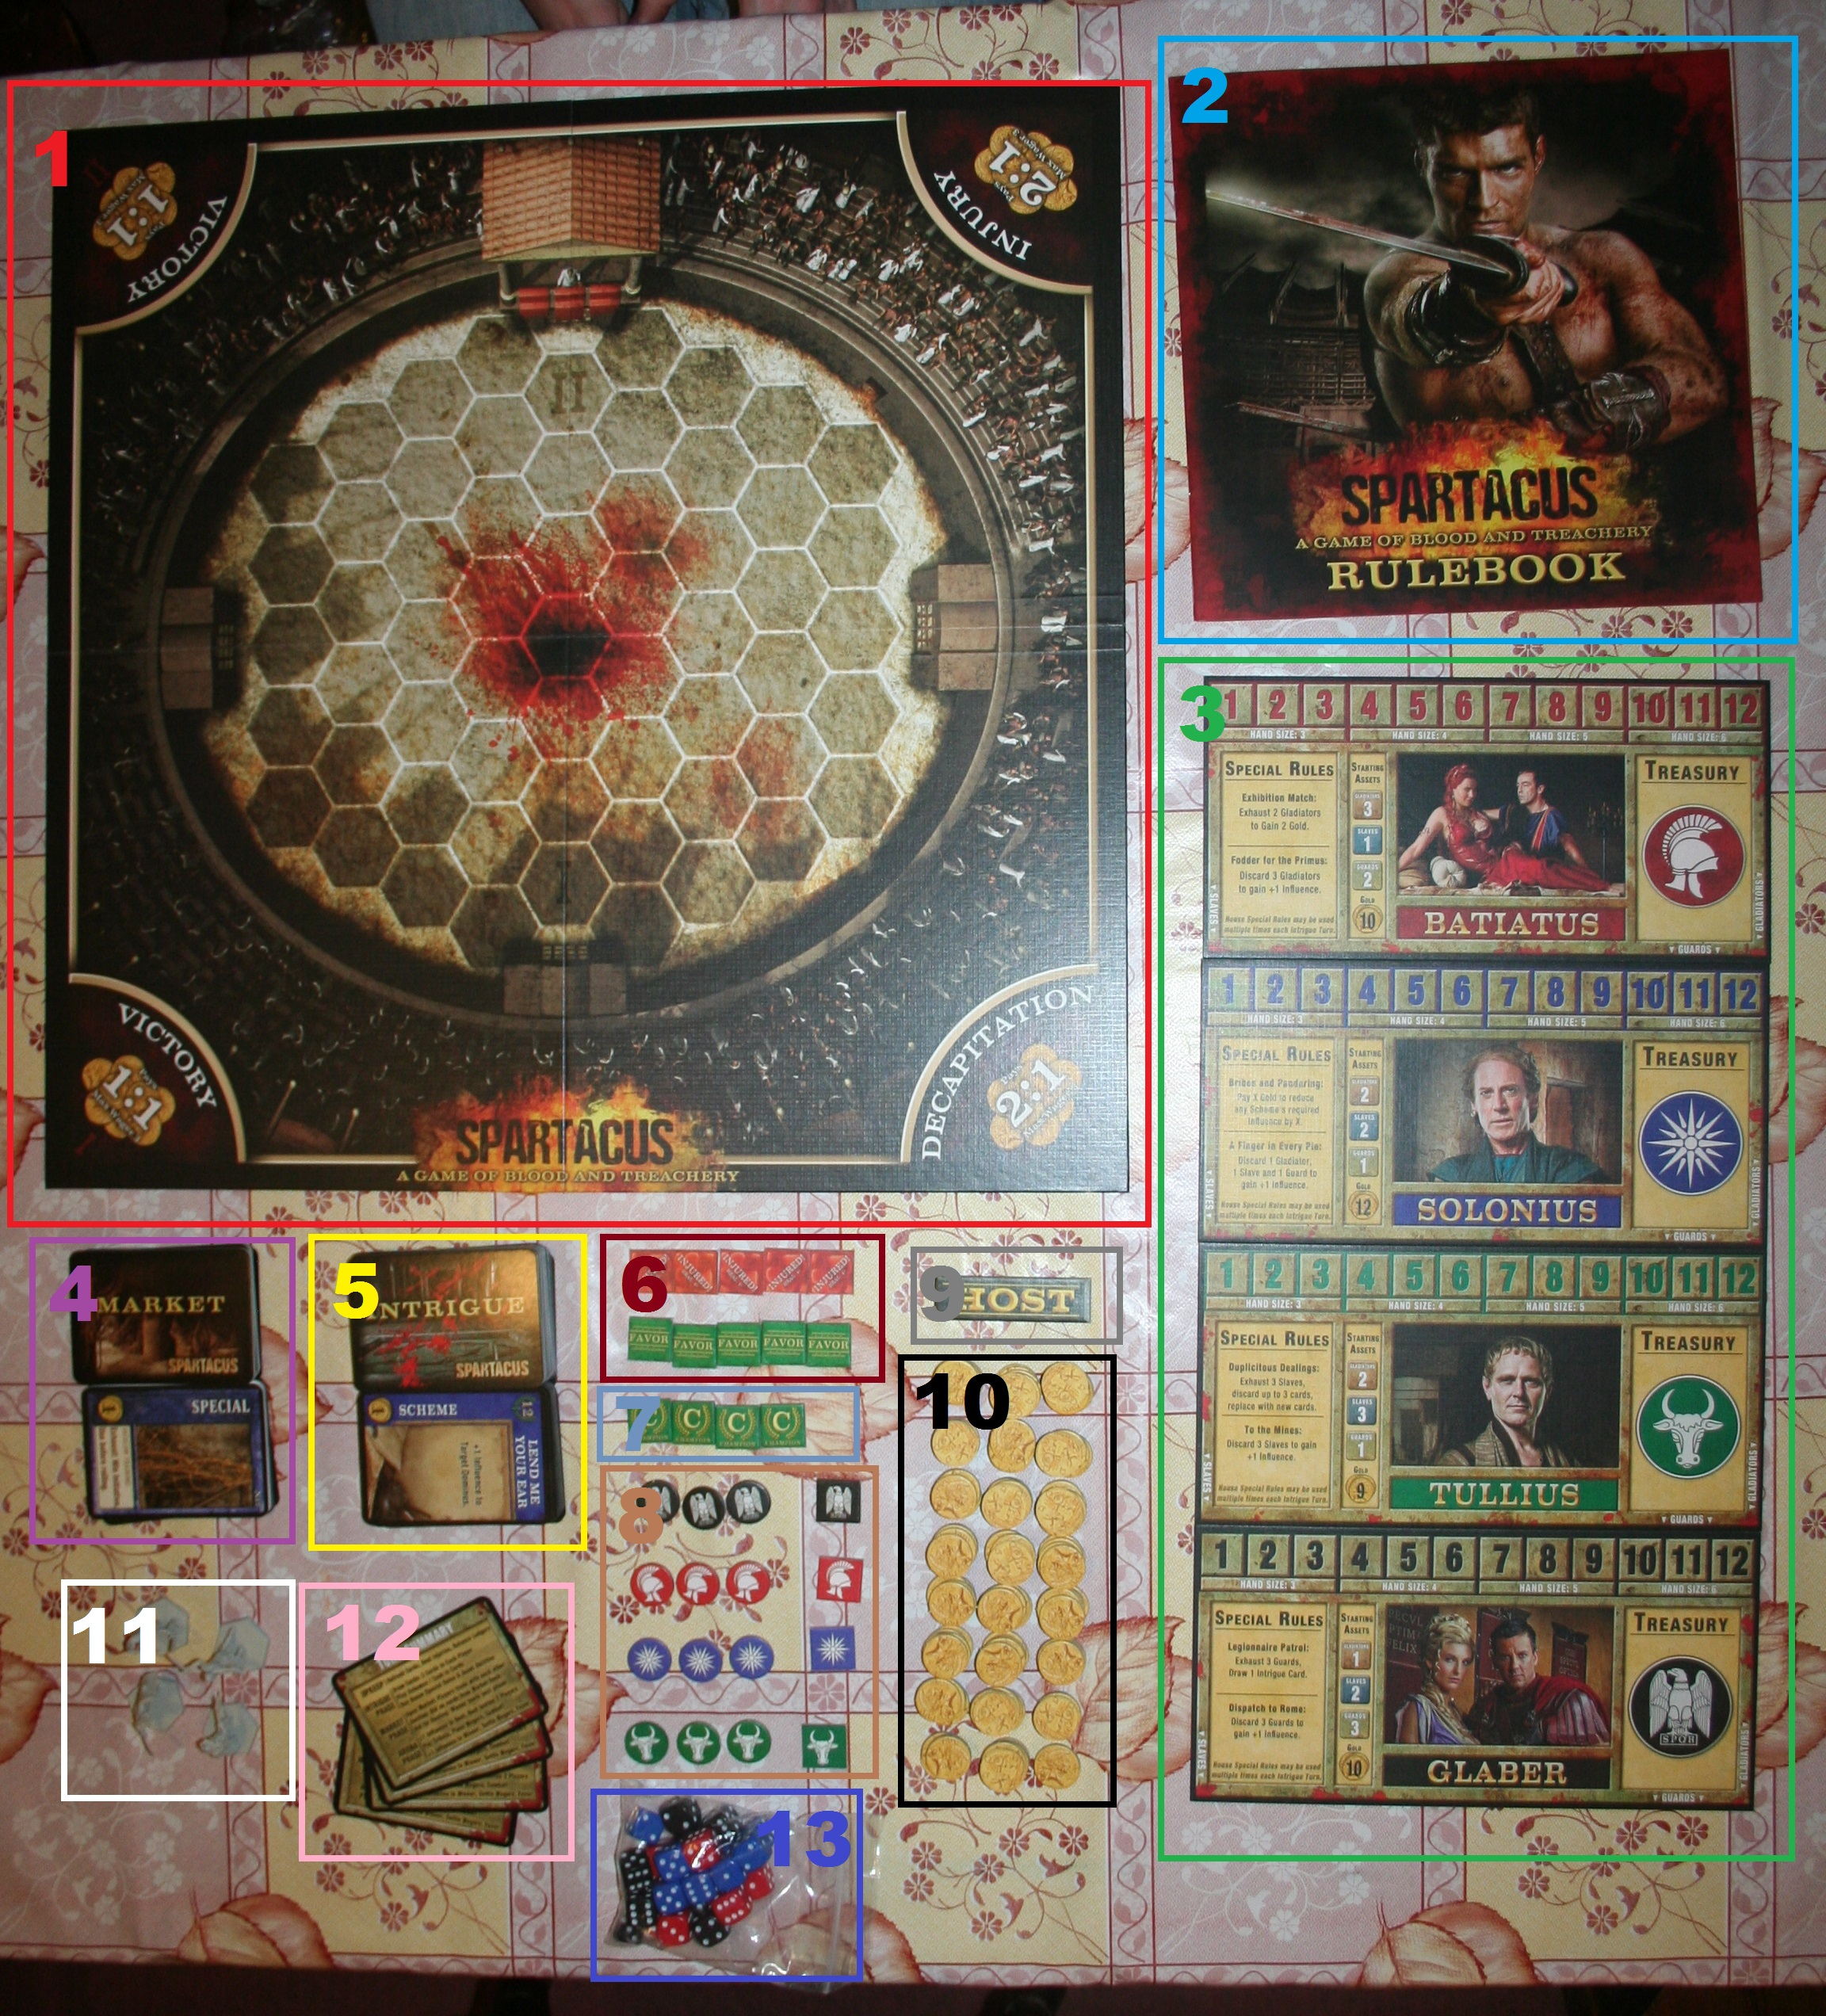 Spartacus Game